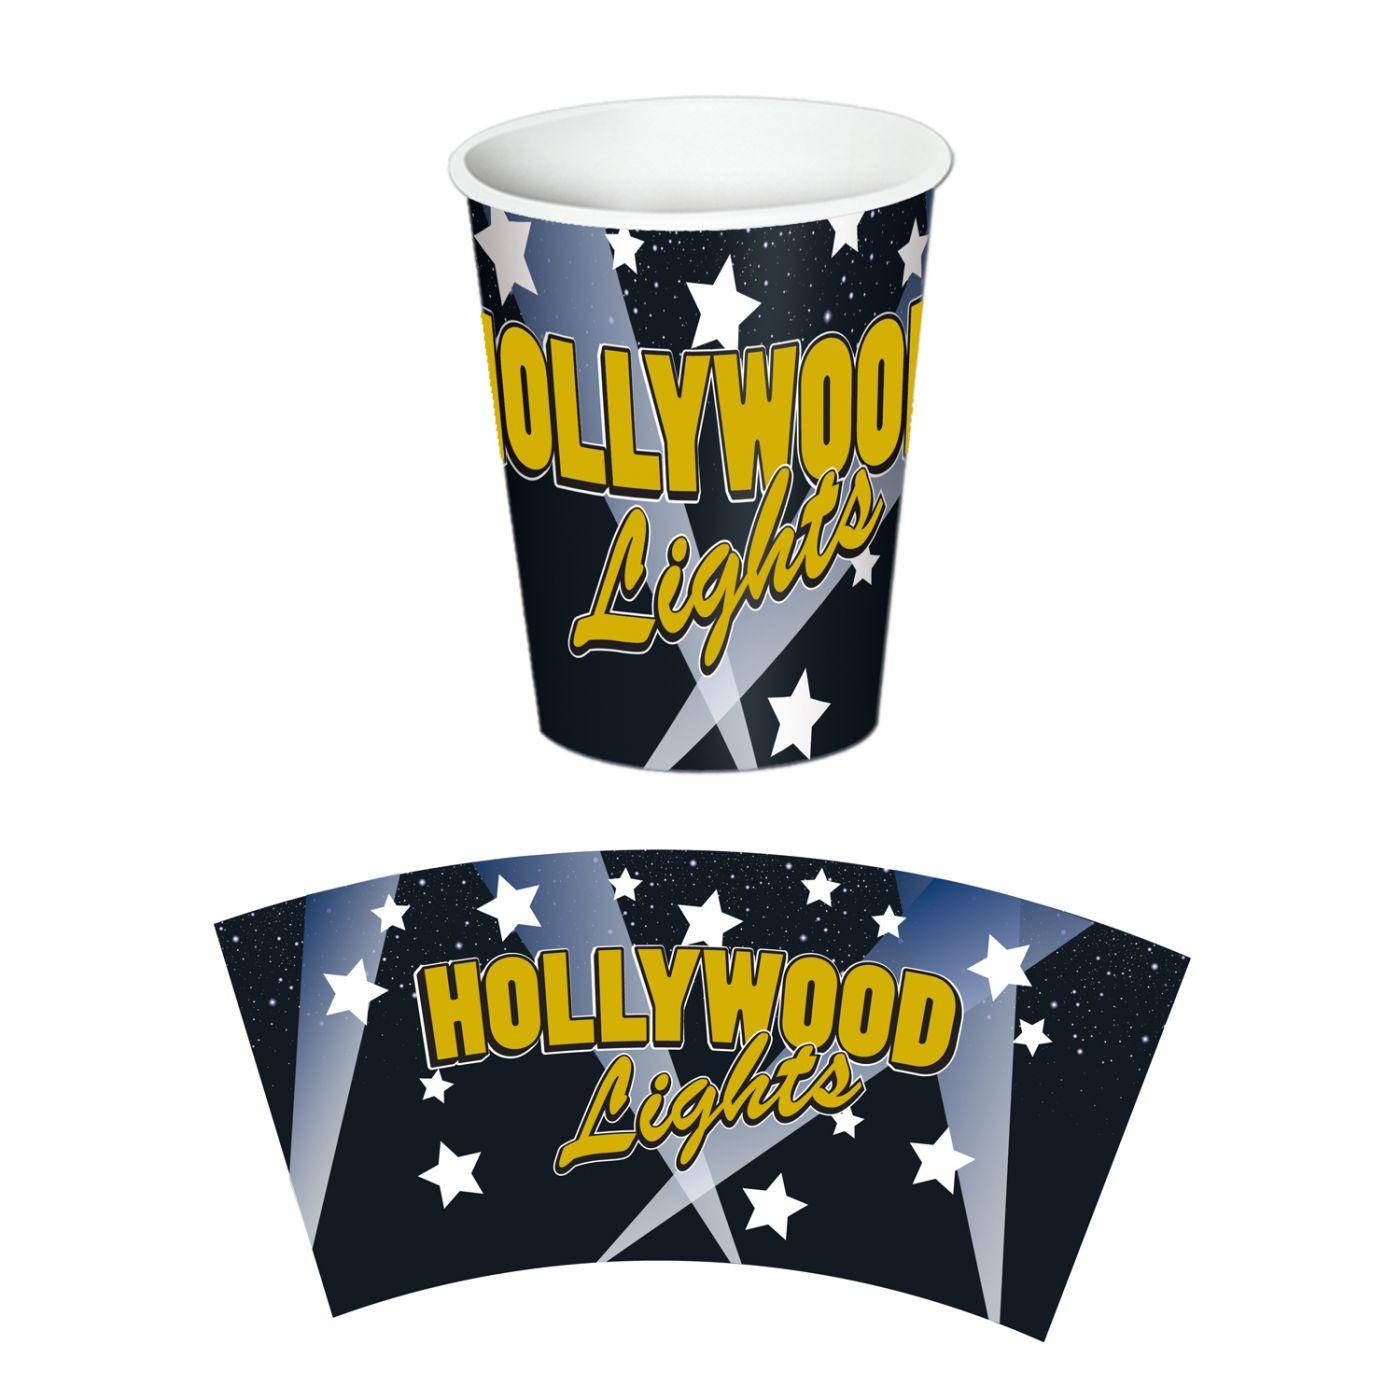 Hollywood Lights Beverage Cups image